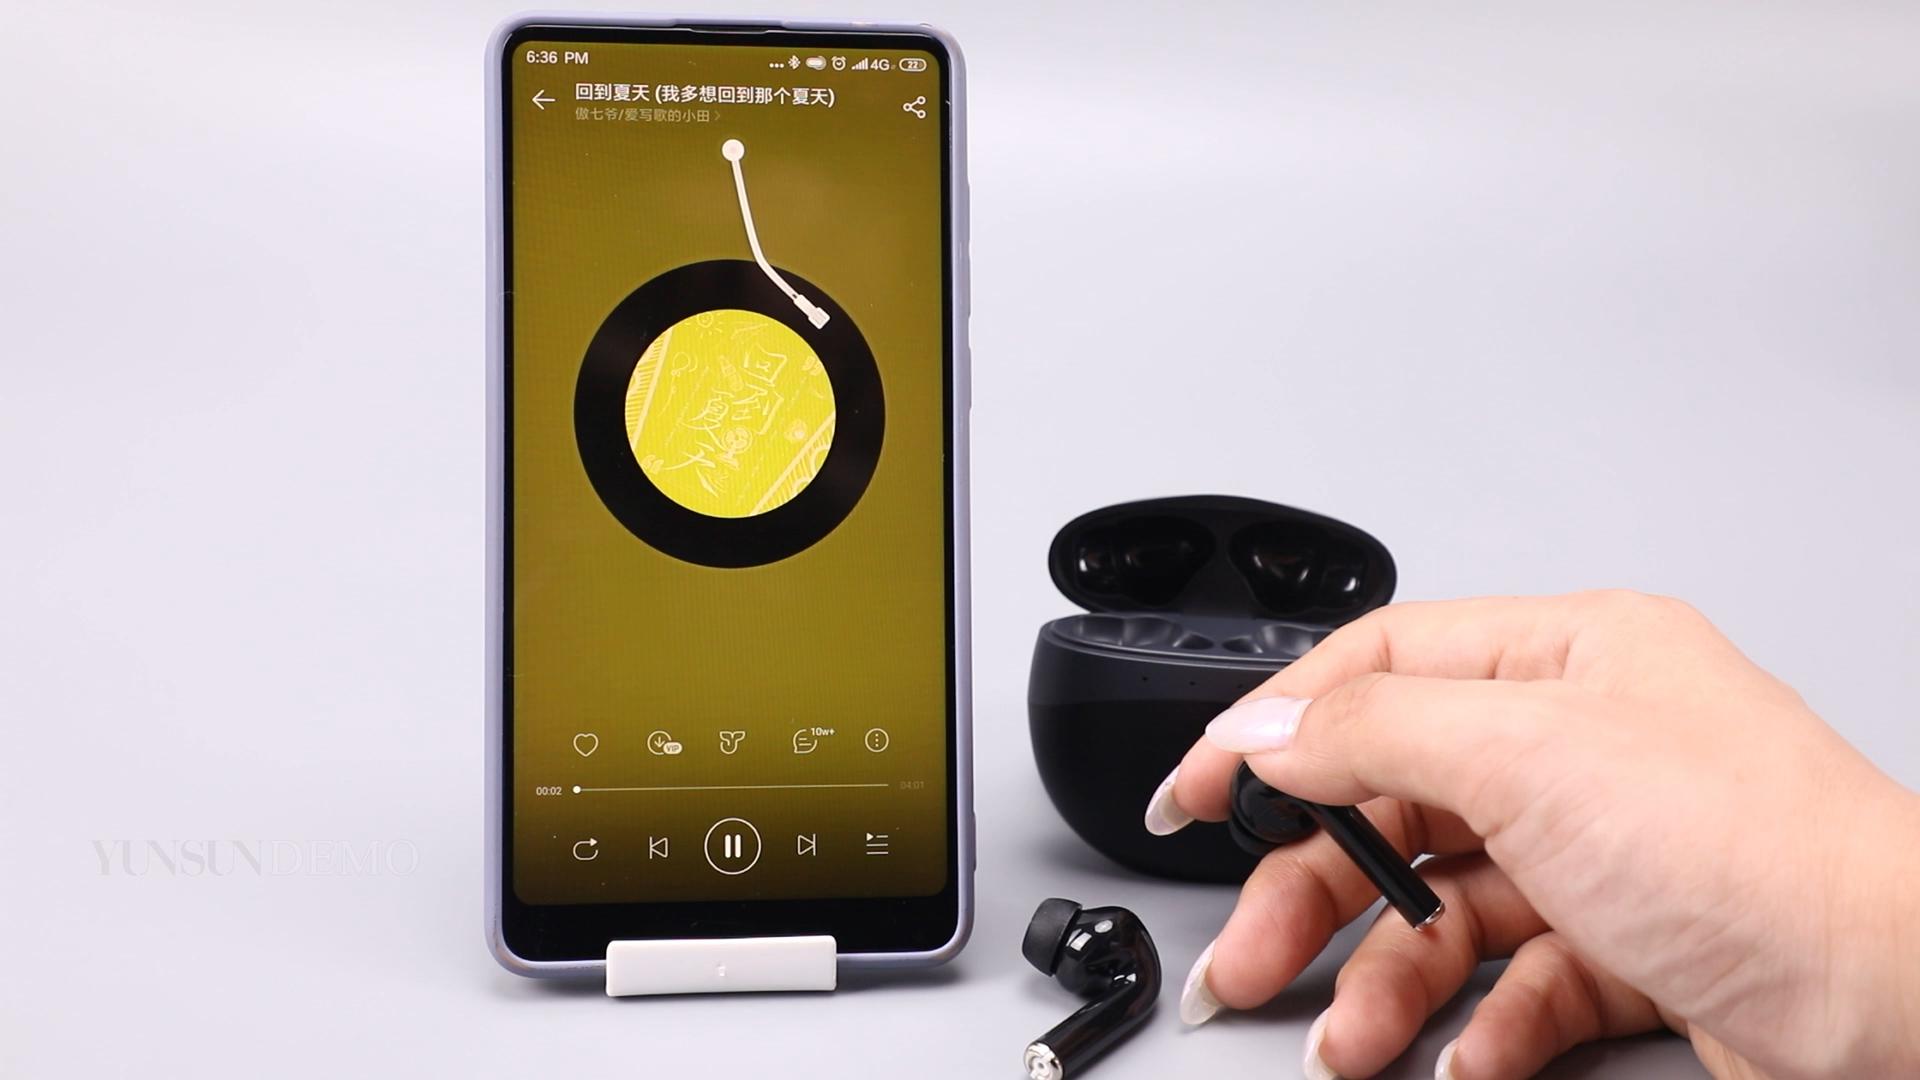 TWS kulakiçi doğrudan fabrika toptan kulaklık spor Bluetooth kulaklık için şarj kutusu ile tüm cep telefonları telefon